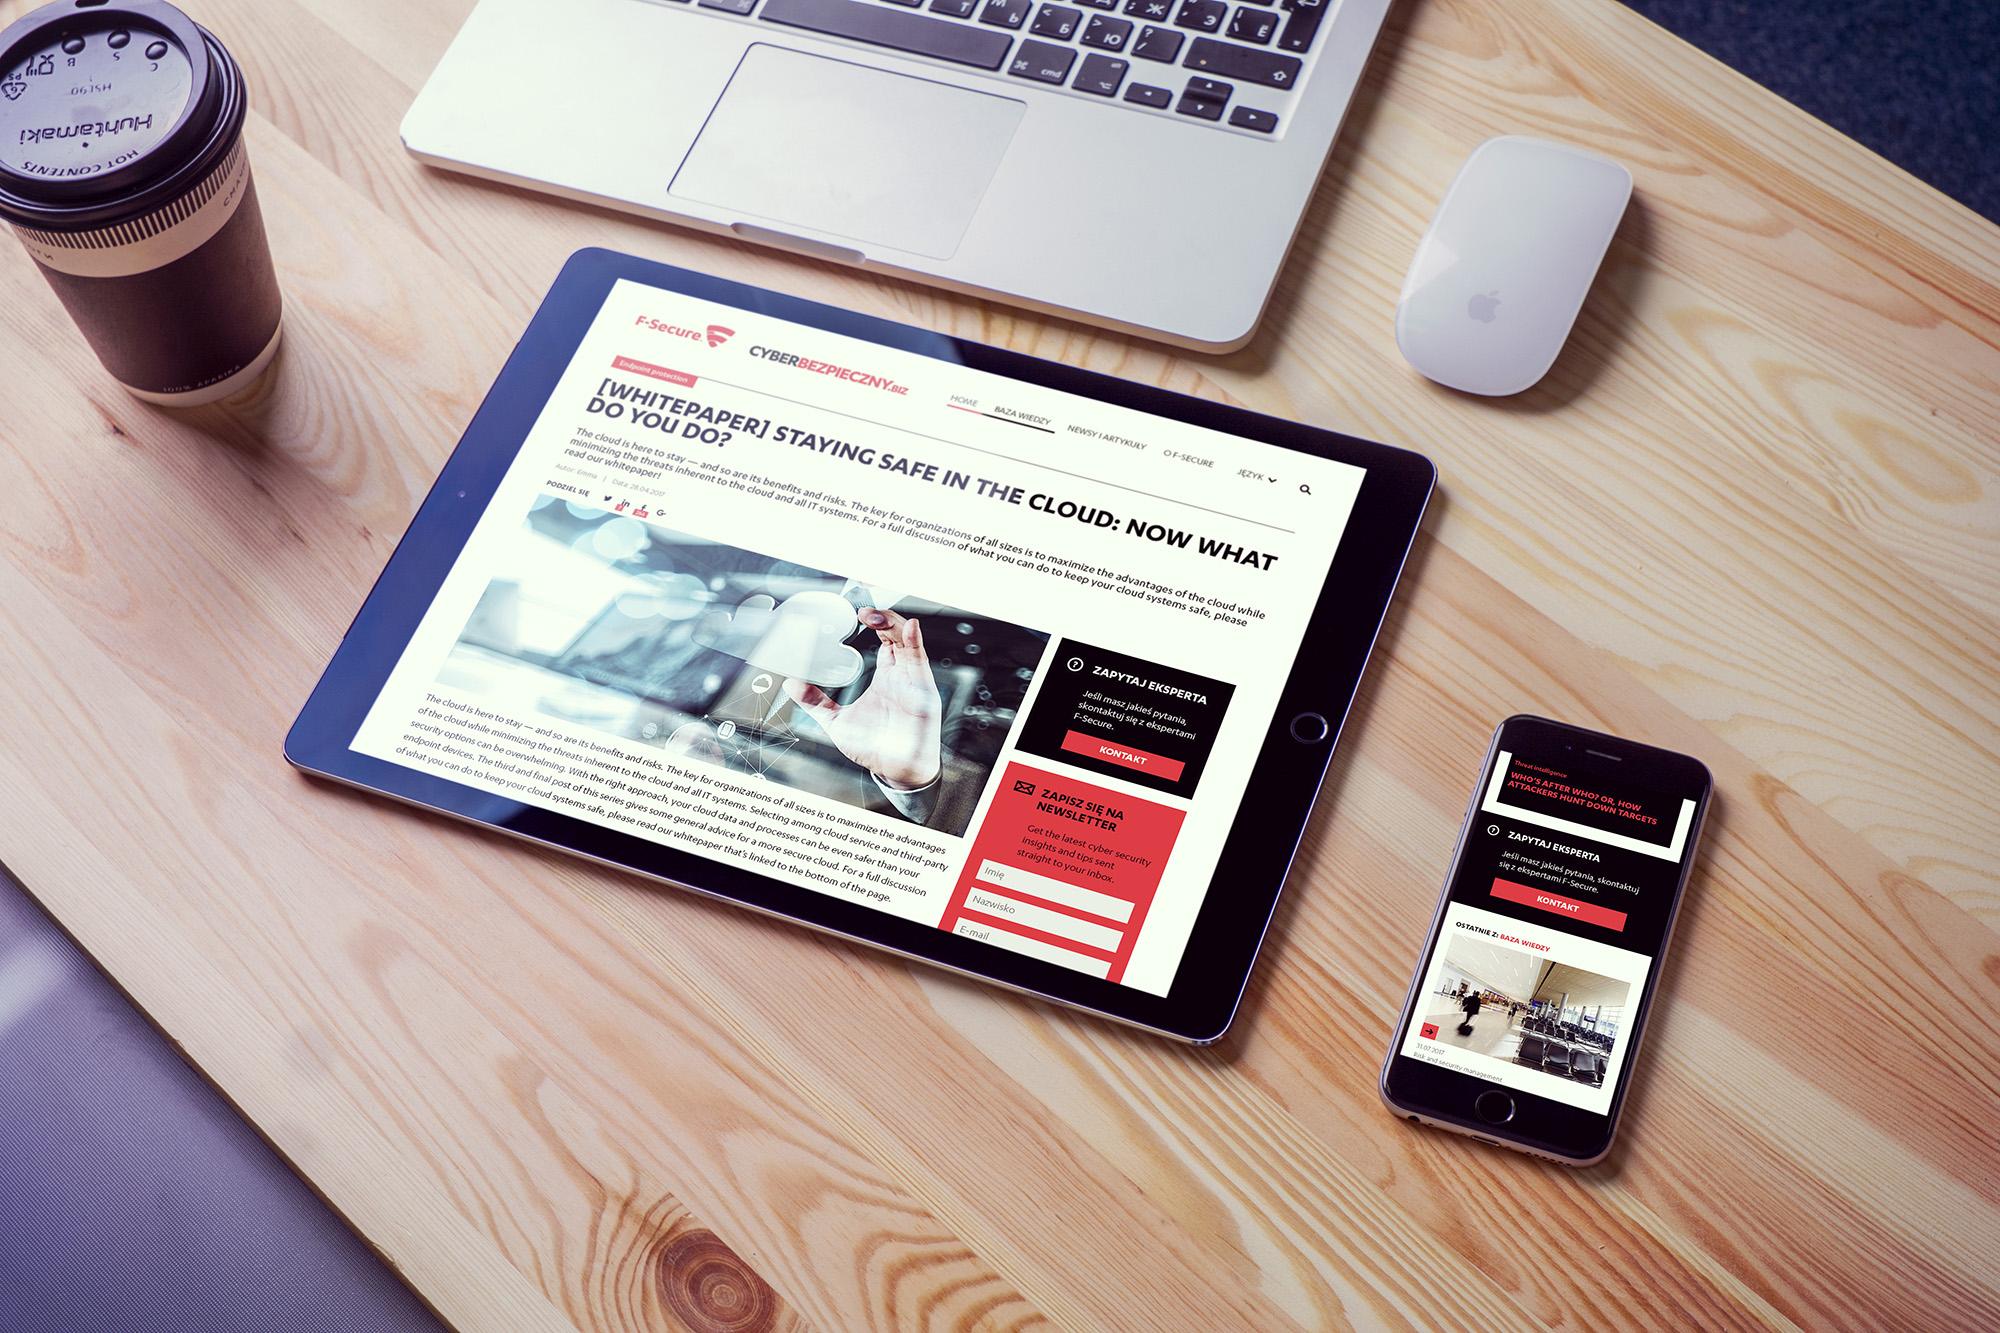 blog_tablet i smartfon banner_small.jpg